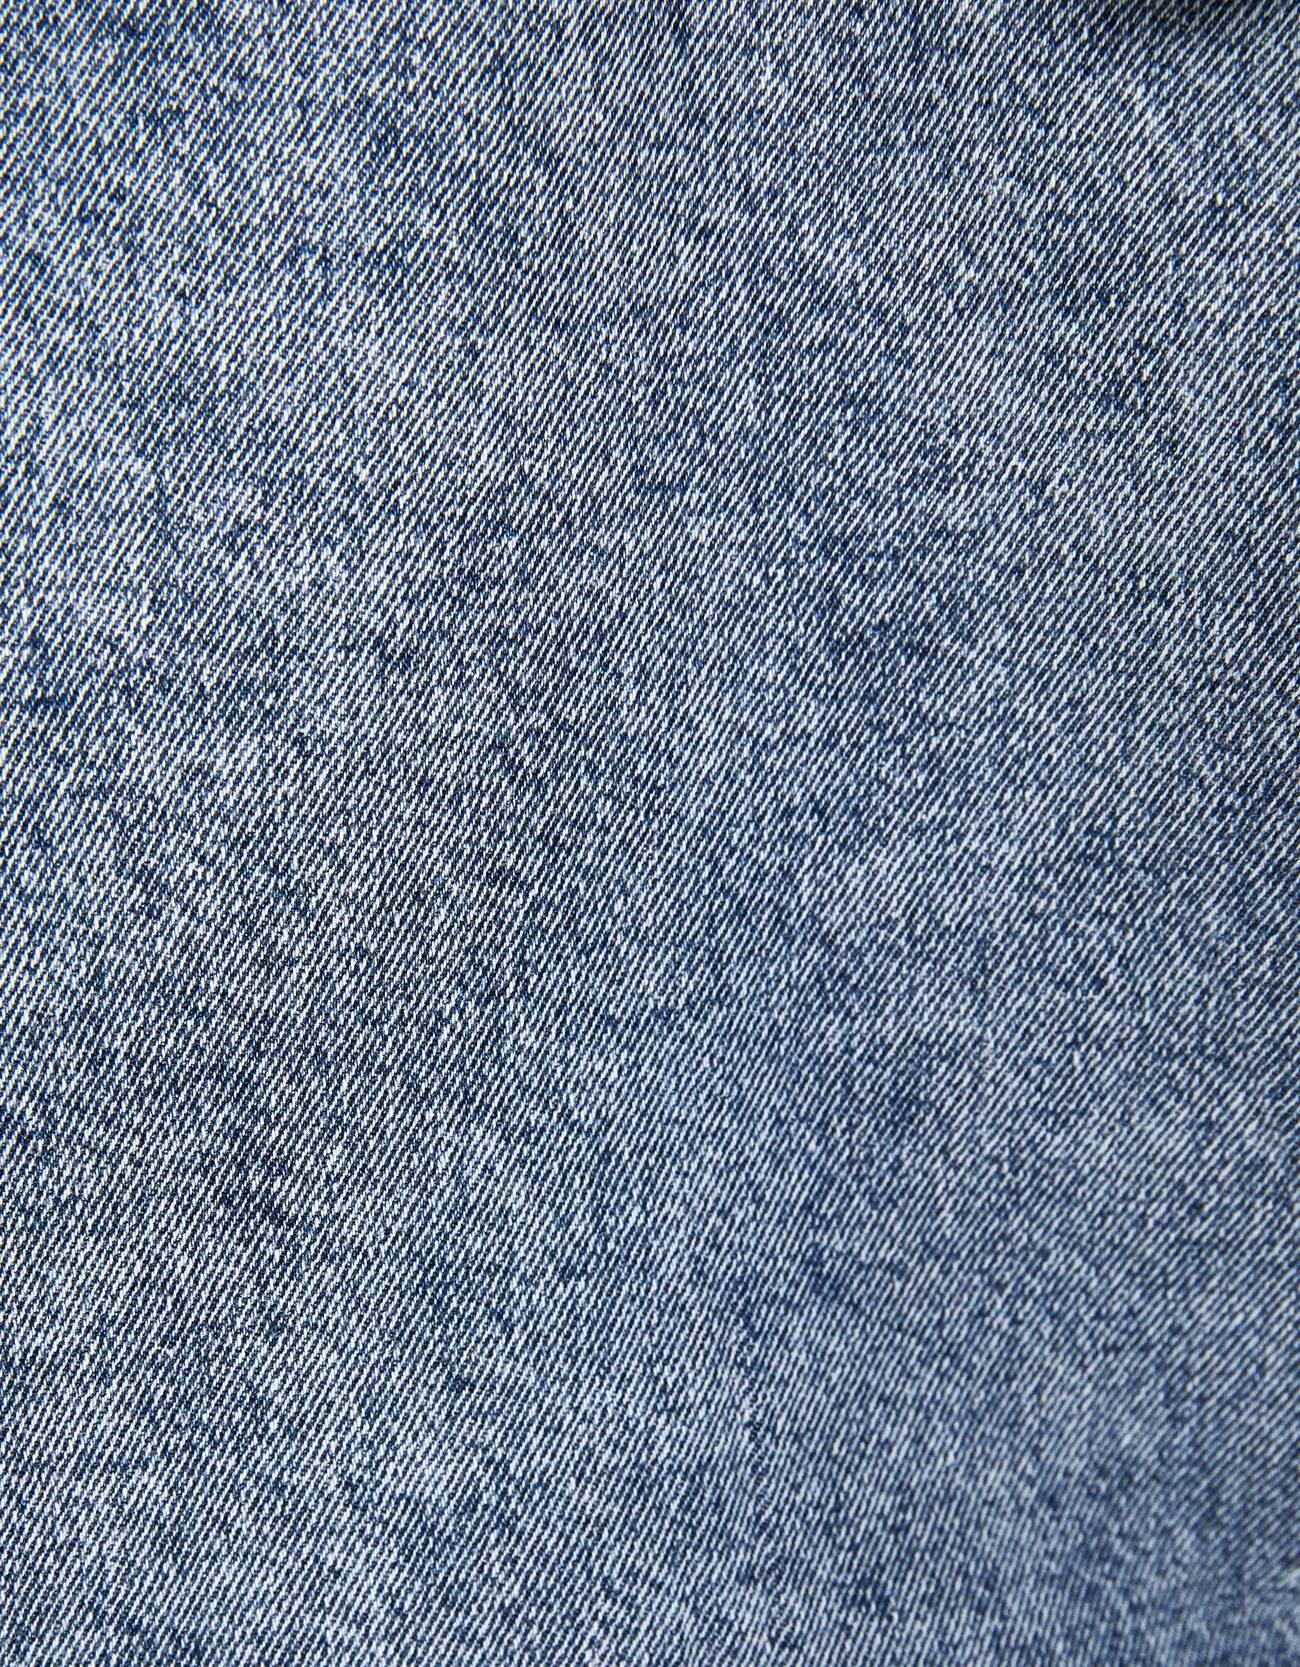 Джинсовая куртка с капюшоном Синий застиранный Bershka